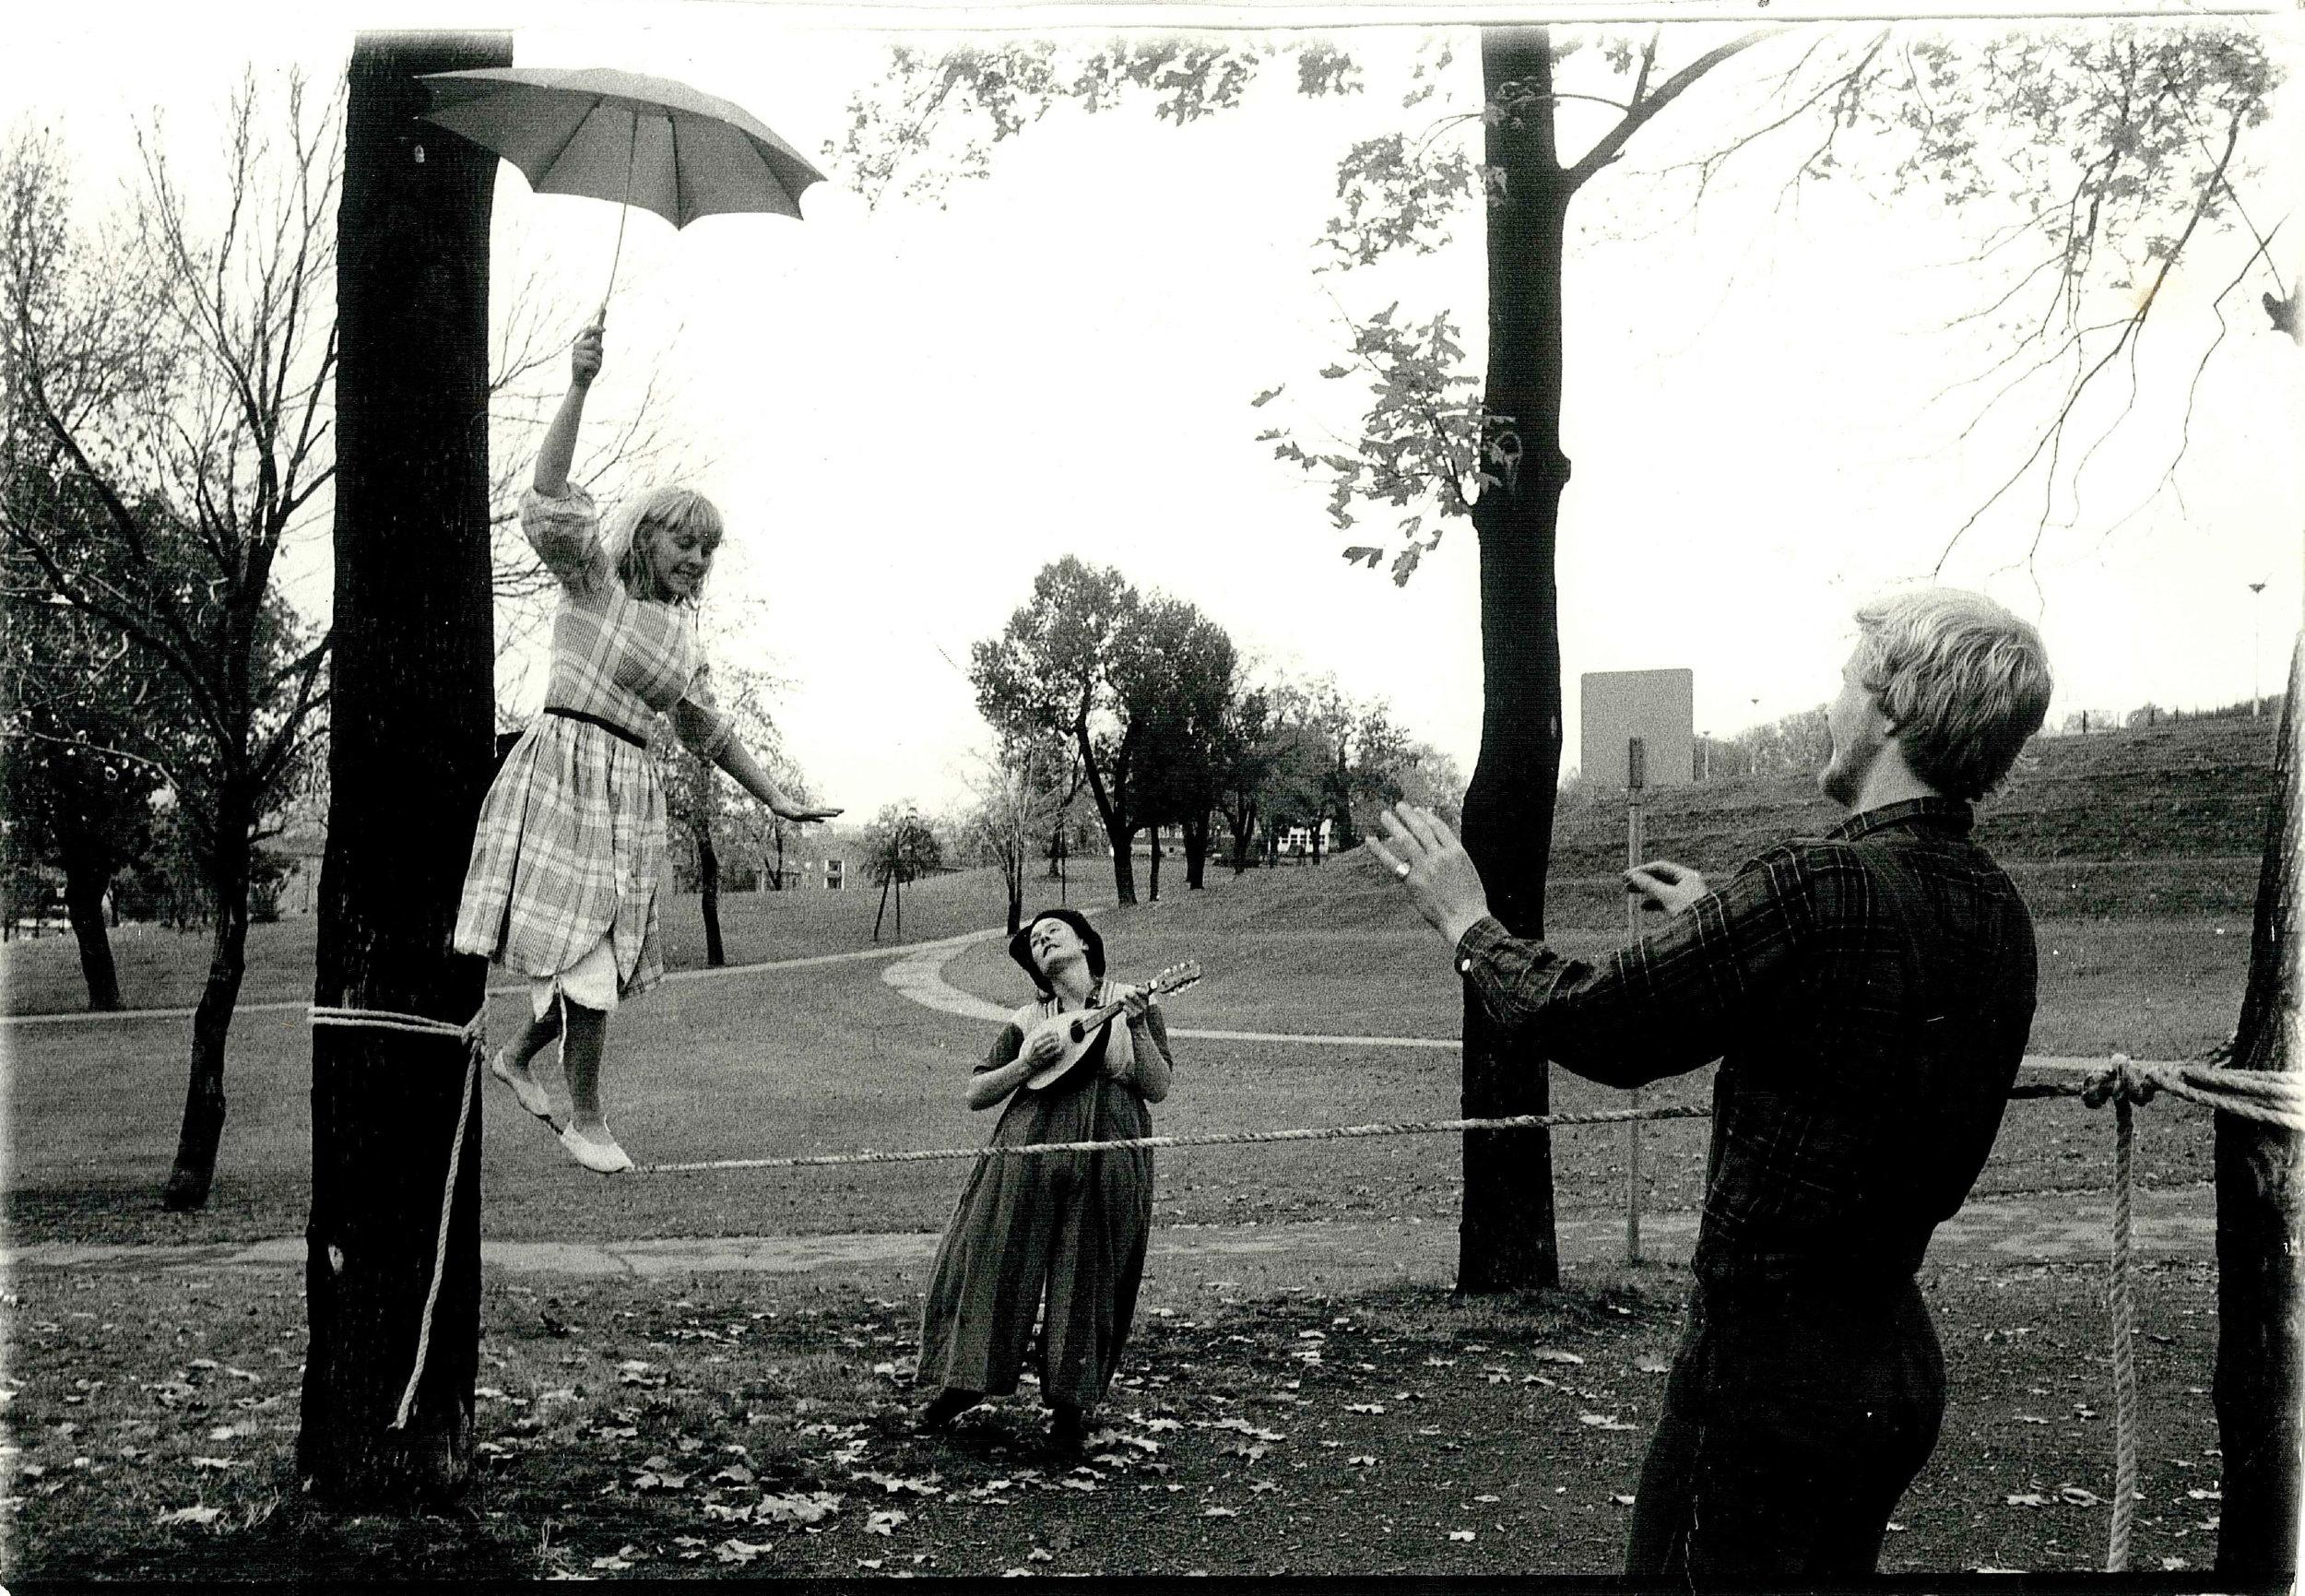 Starting Saltkompagniet (1977)